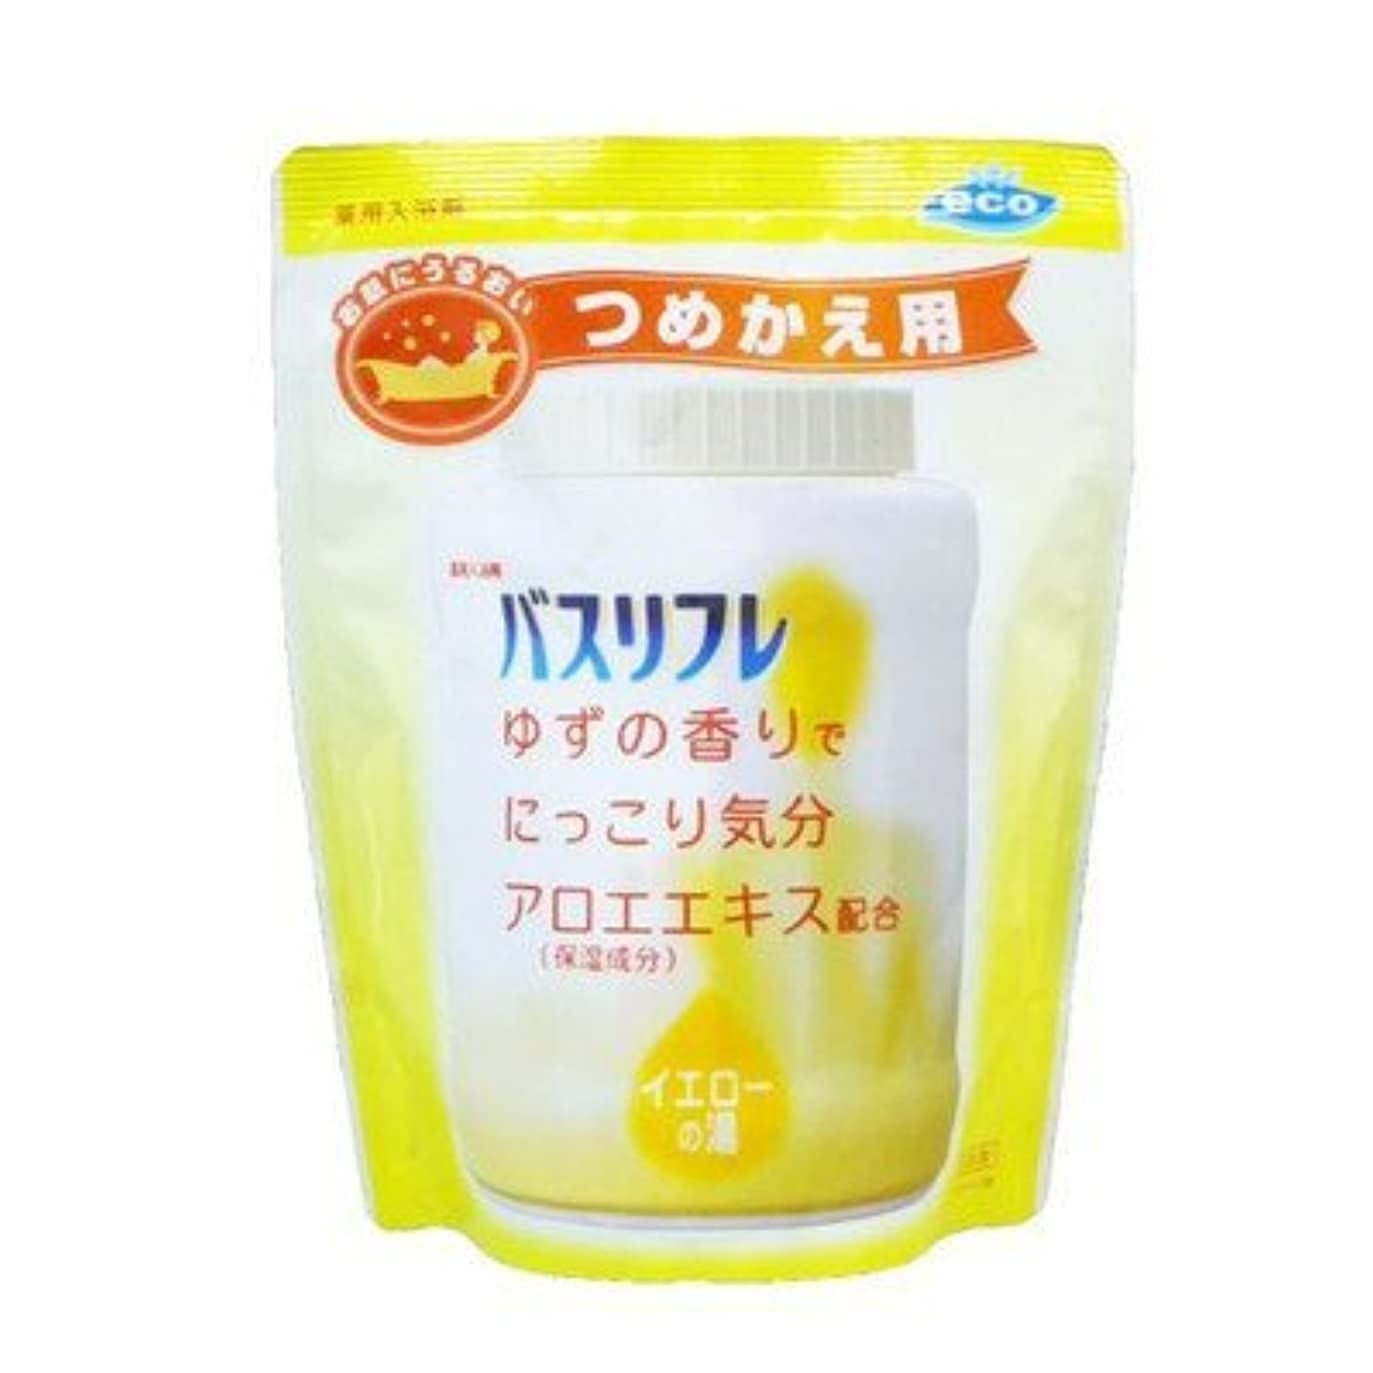 イノセンス時間厳守空虚薬用入浴剤 バスリフレ イエローの湯 つめかえ用 540g ゆずの香り (ライオンケミカル) Japan